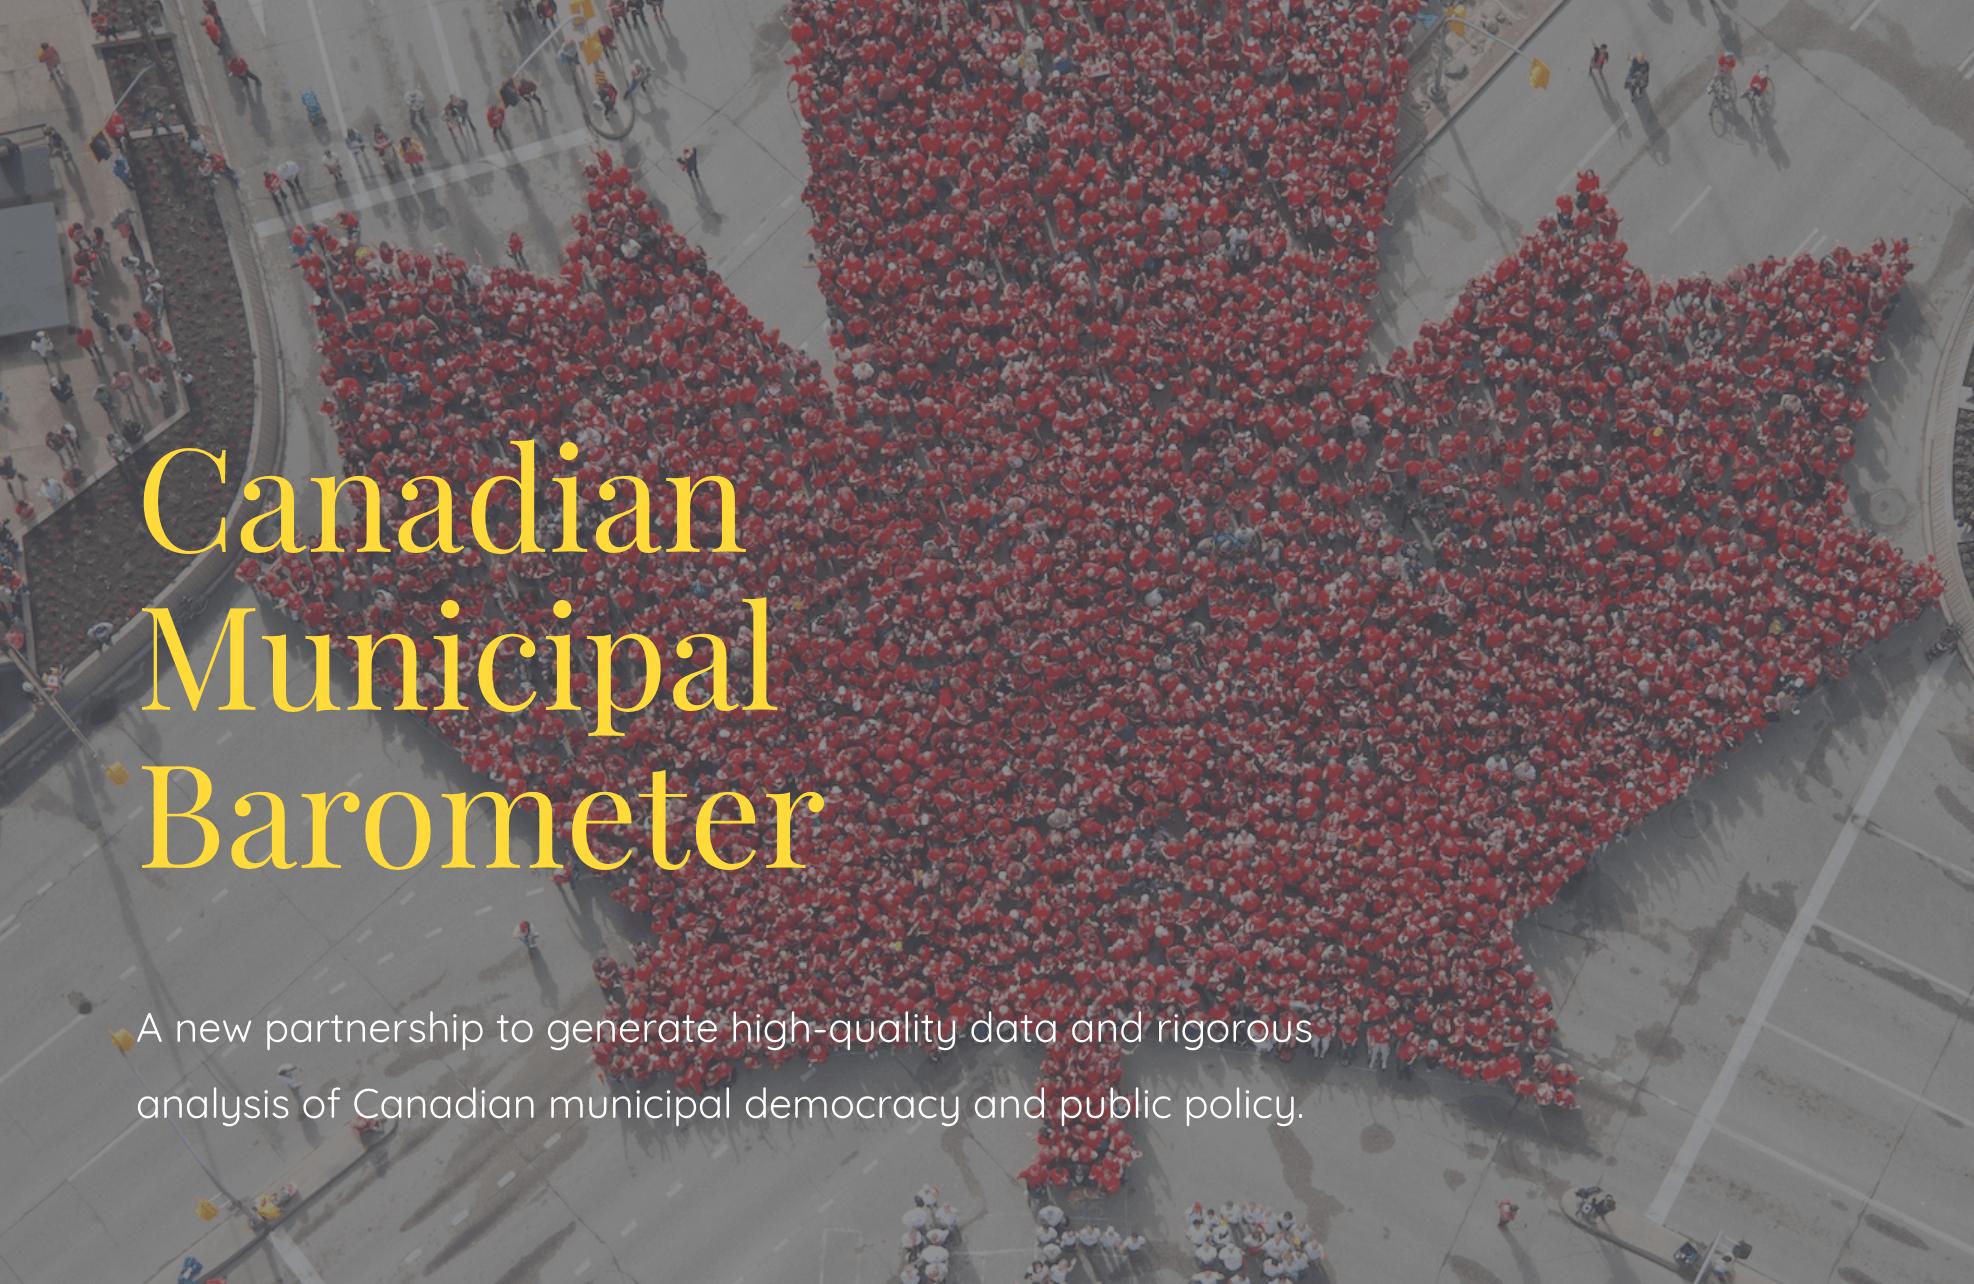 Canadian Municipal Barometer